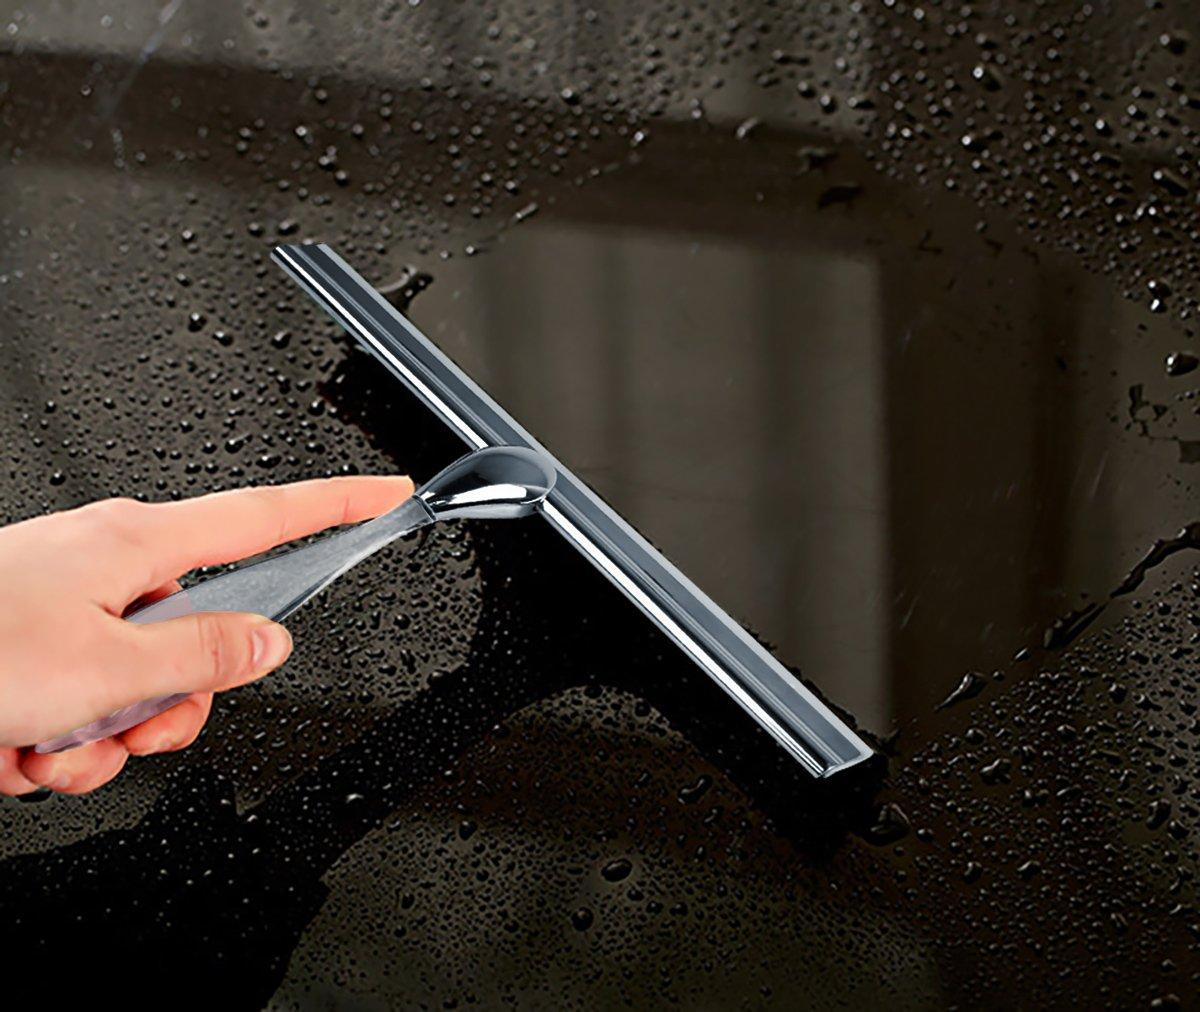 ... con ventosa gancho de acero inoxidable puerta de cristal de Coche Parabrisas escobilla de limpiaparabrisas para azulejos cuadro: Amazon.es: Hogar